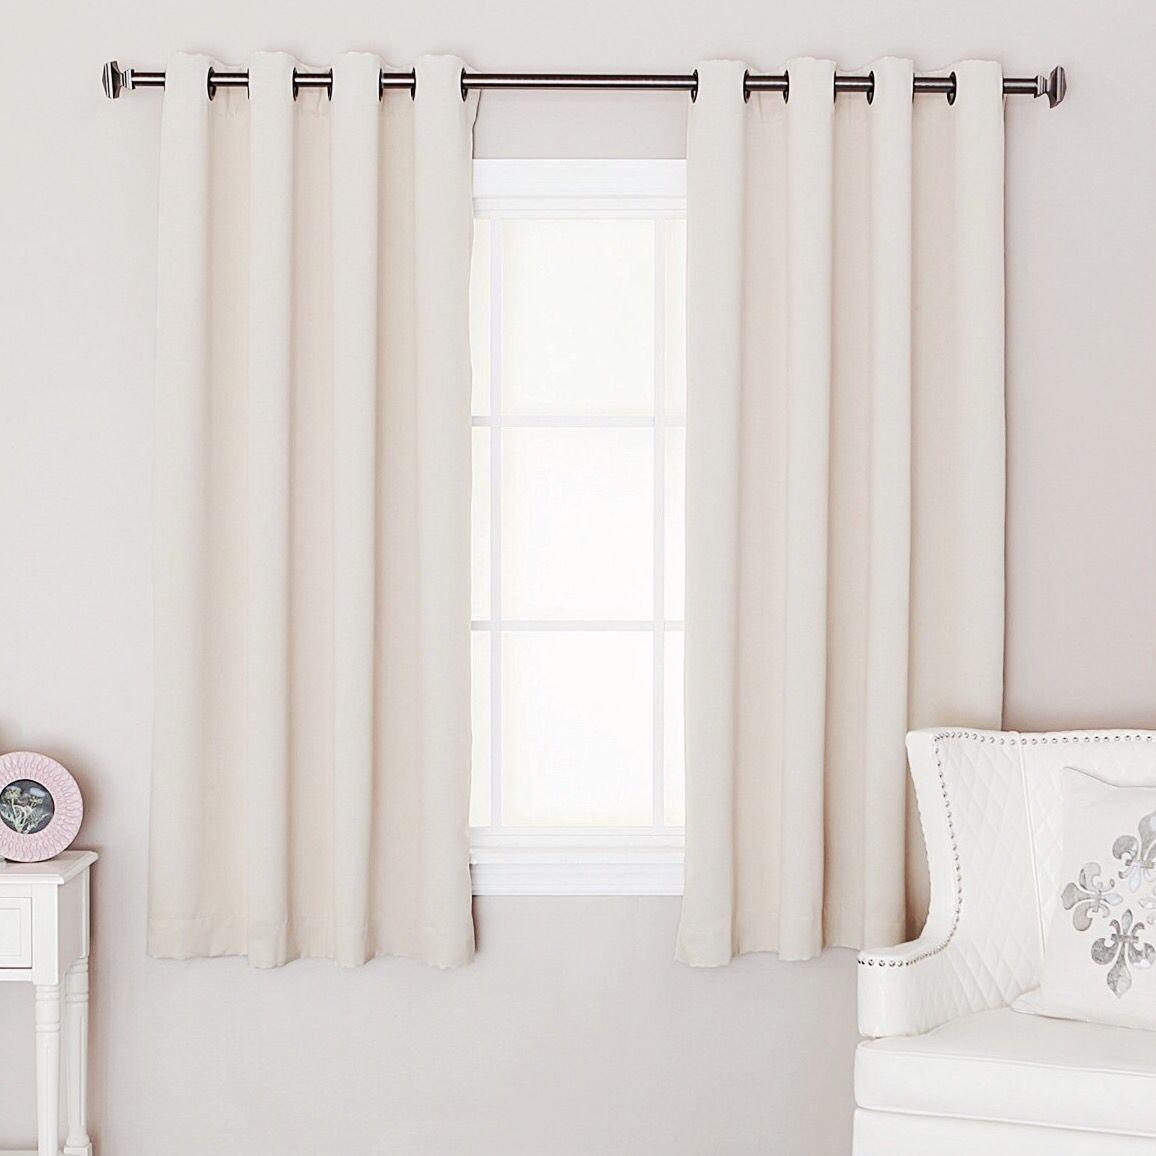 10 Spectacular Curtain Ideas For Small Windows small window curtain ideas interior pinterest short curtains 2020